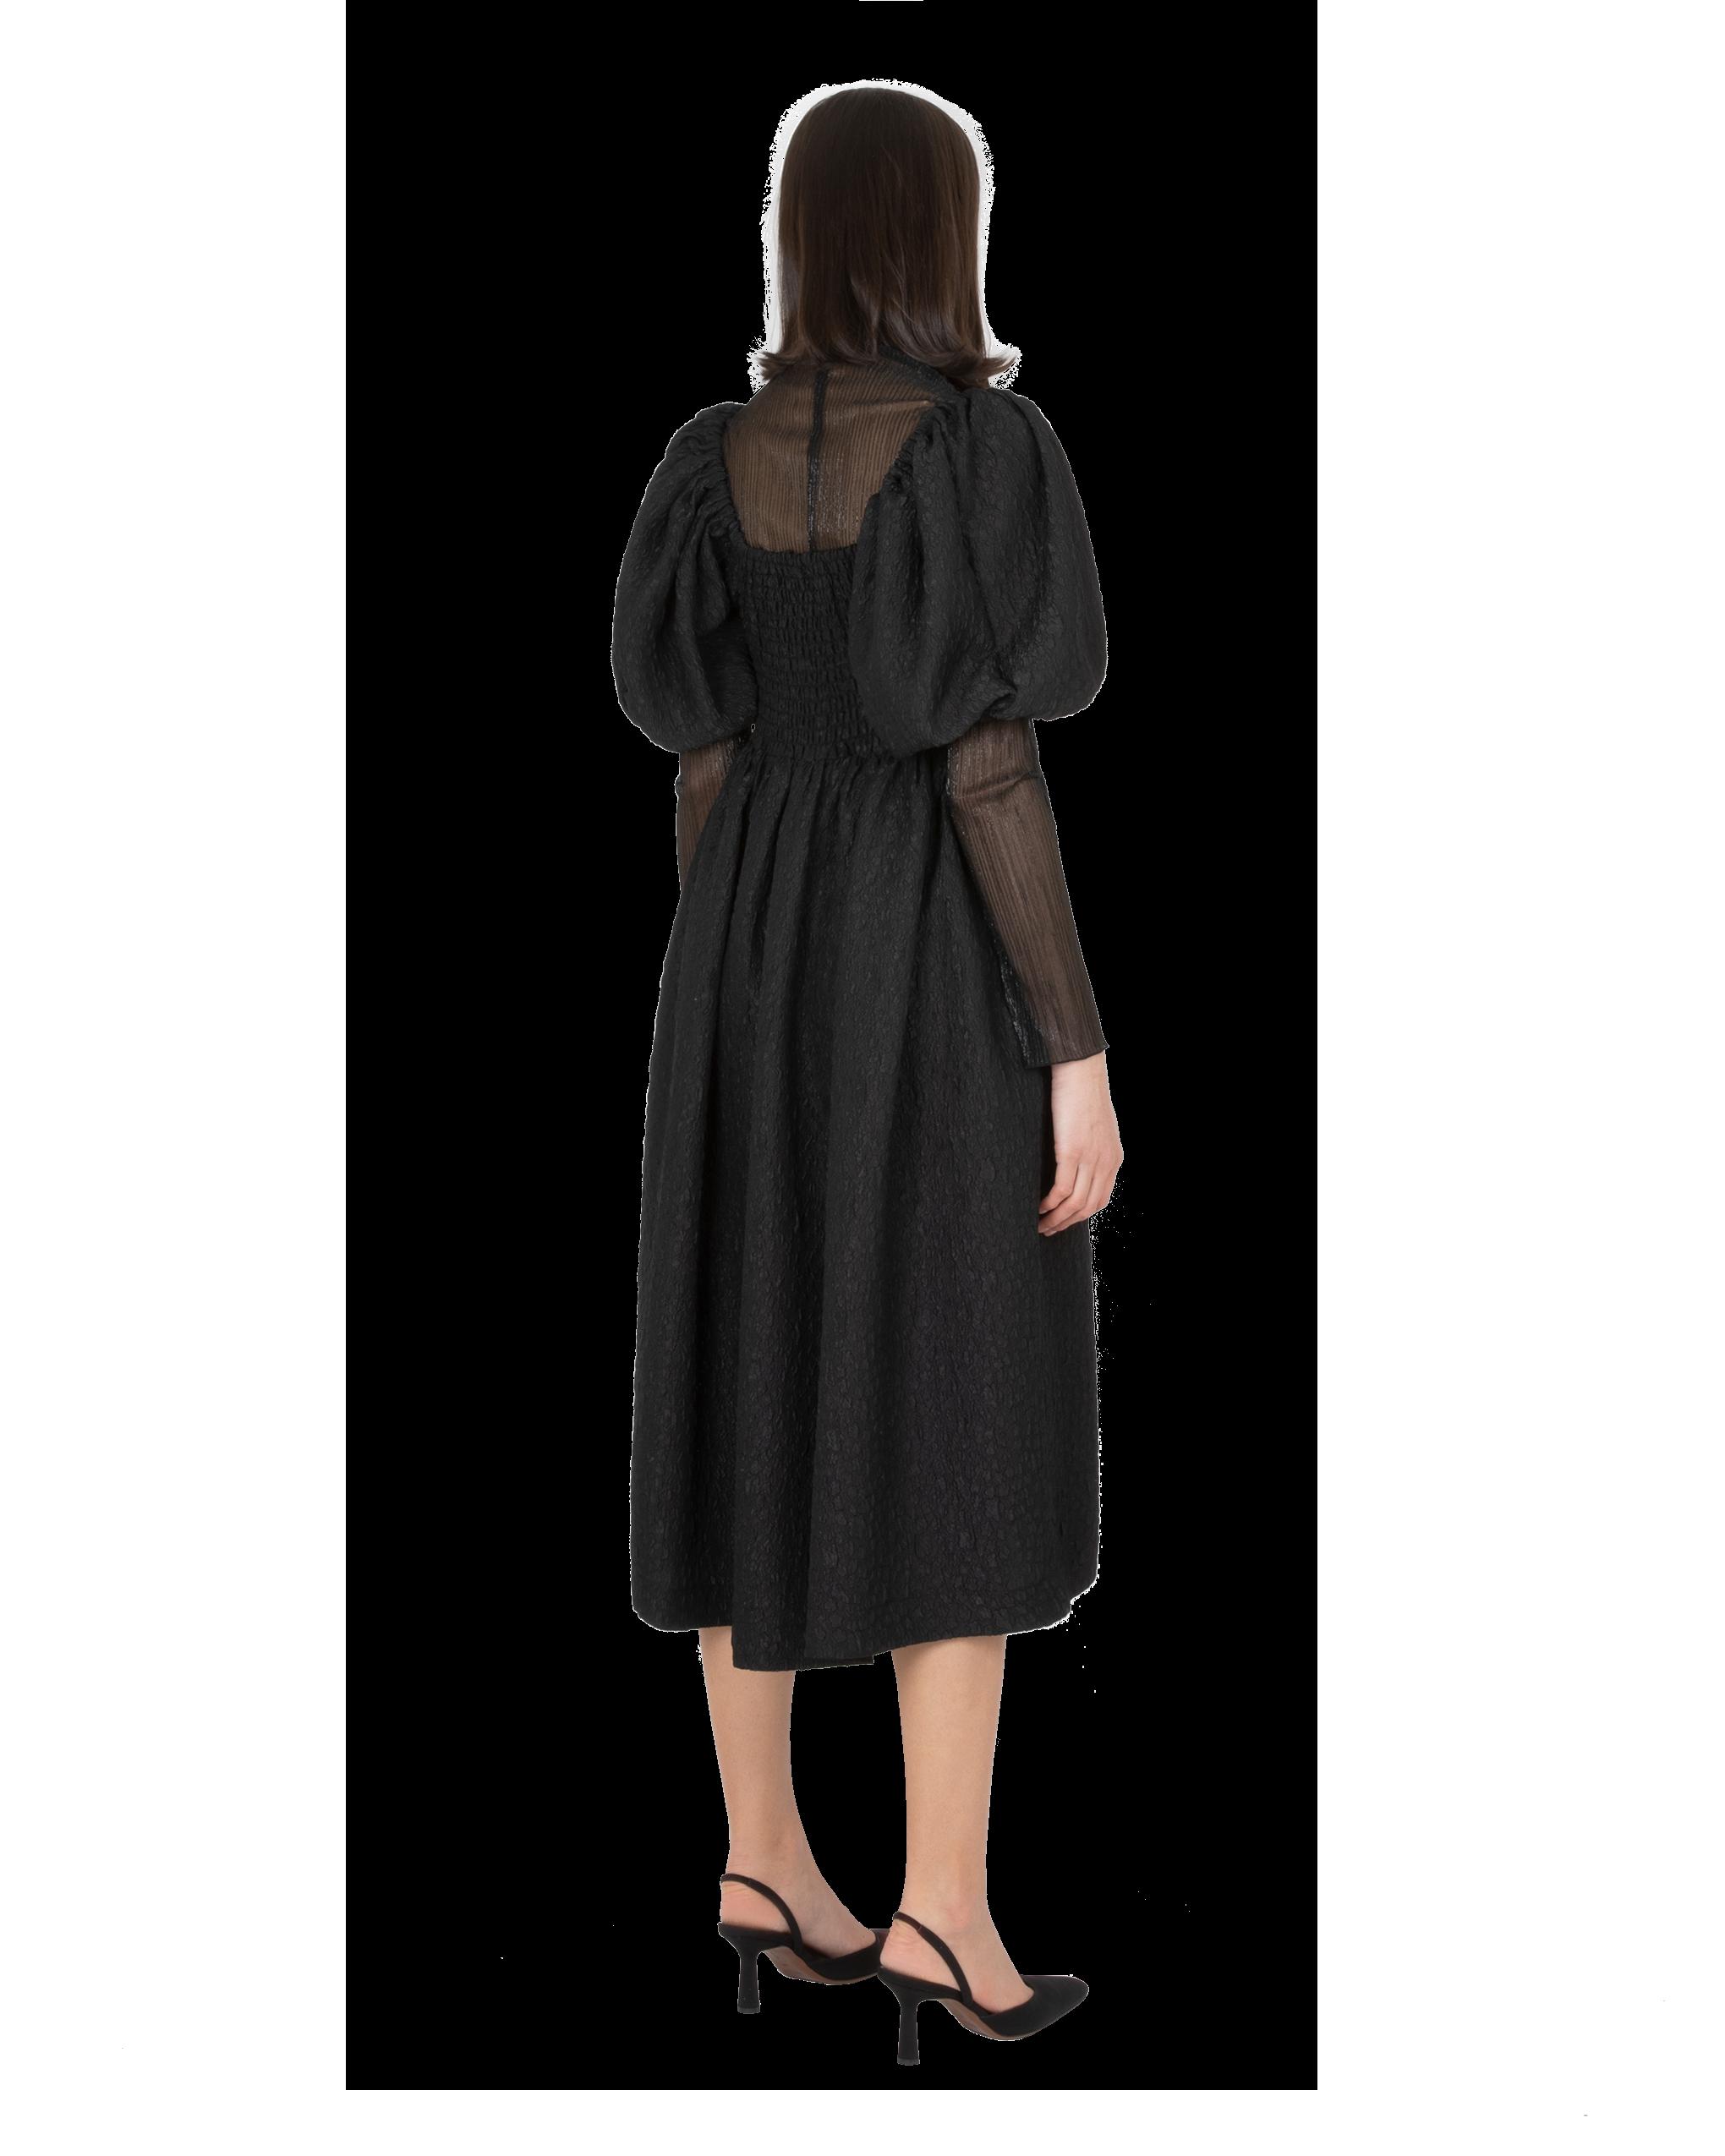 Model wearing EMIN + PAUL black puff sleeve dress.